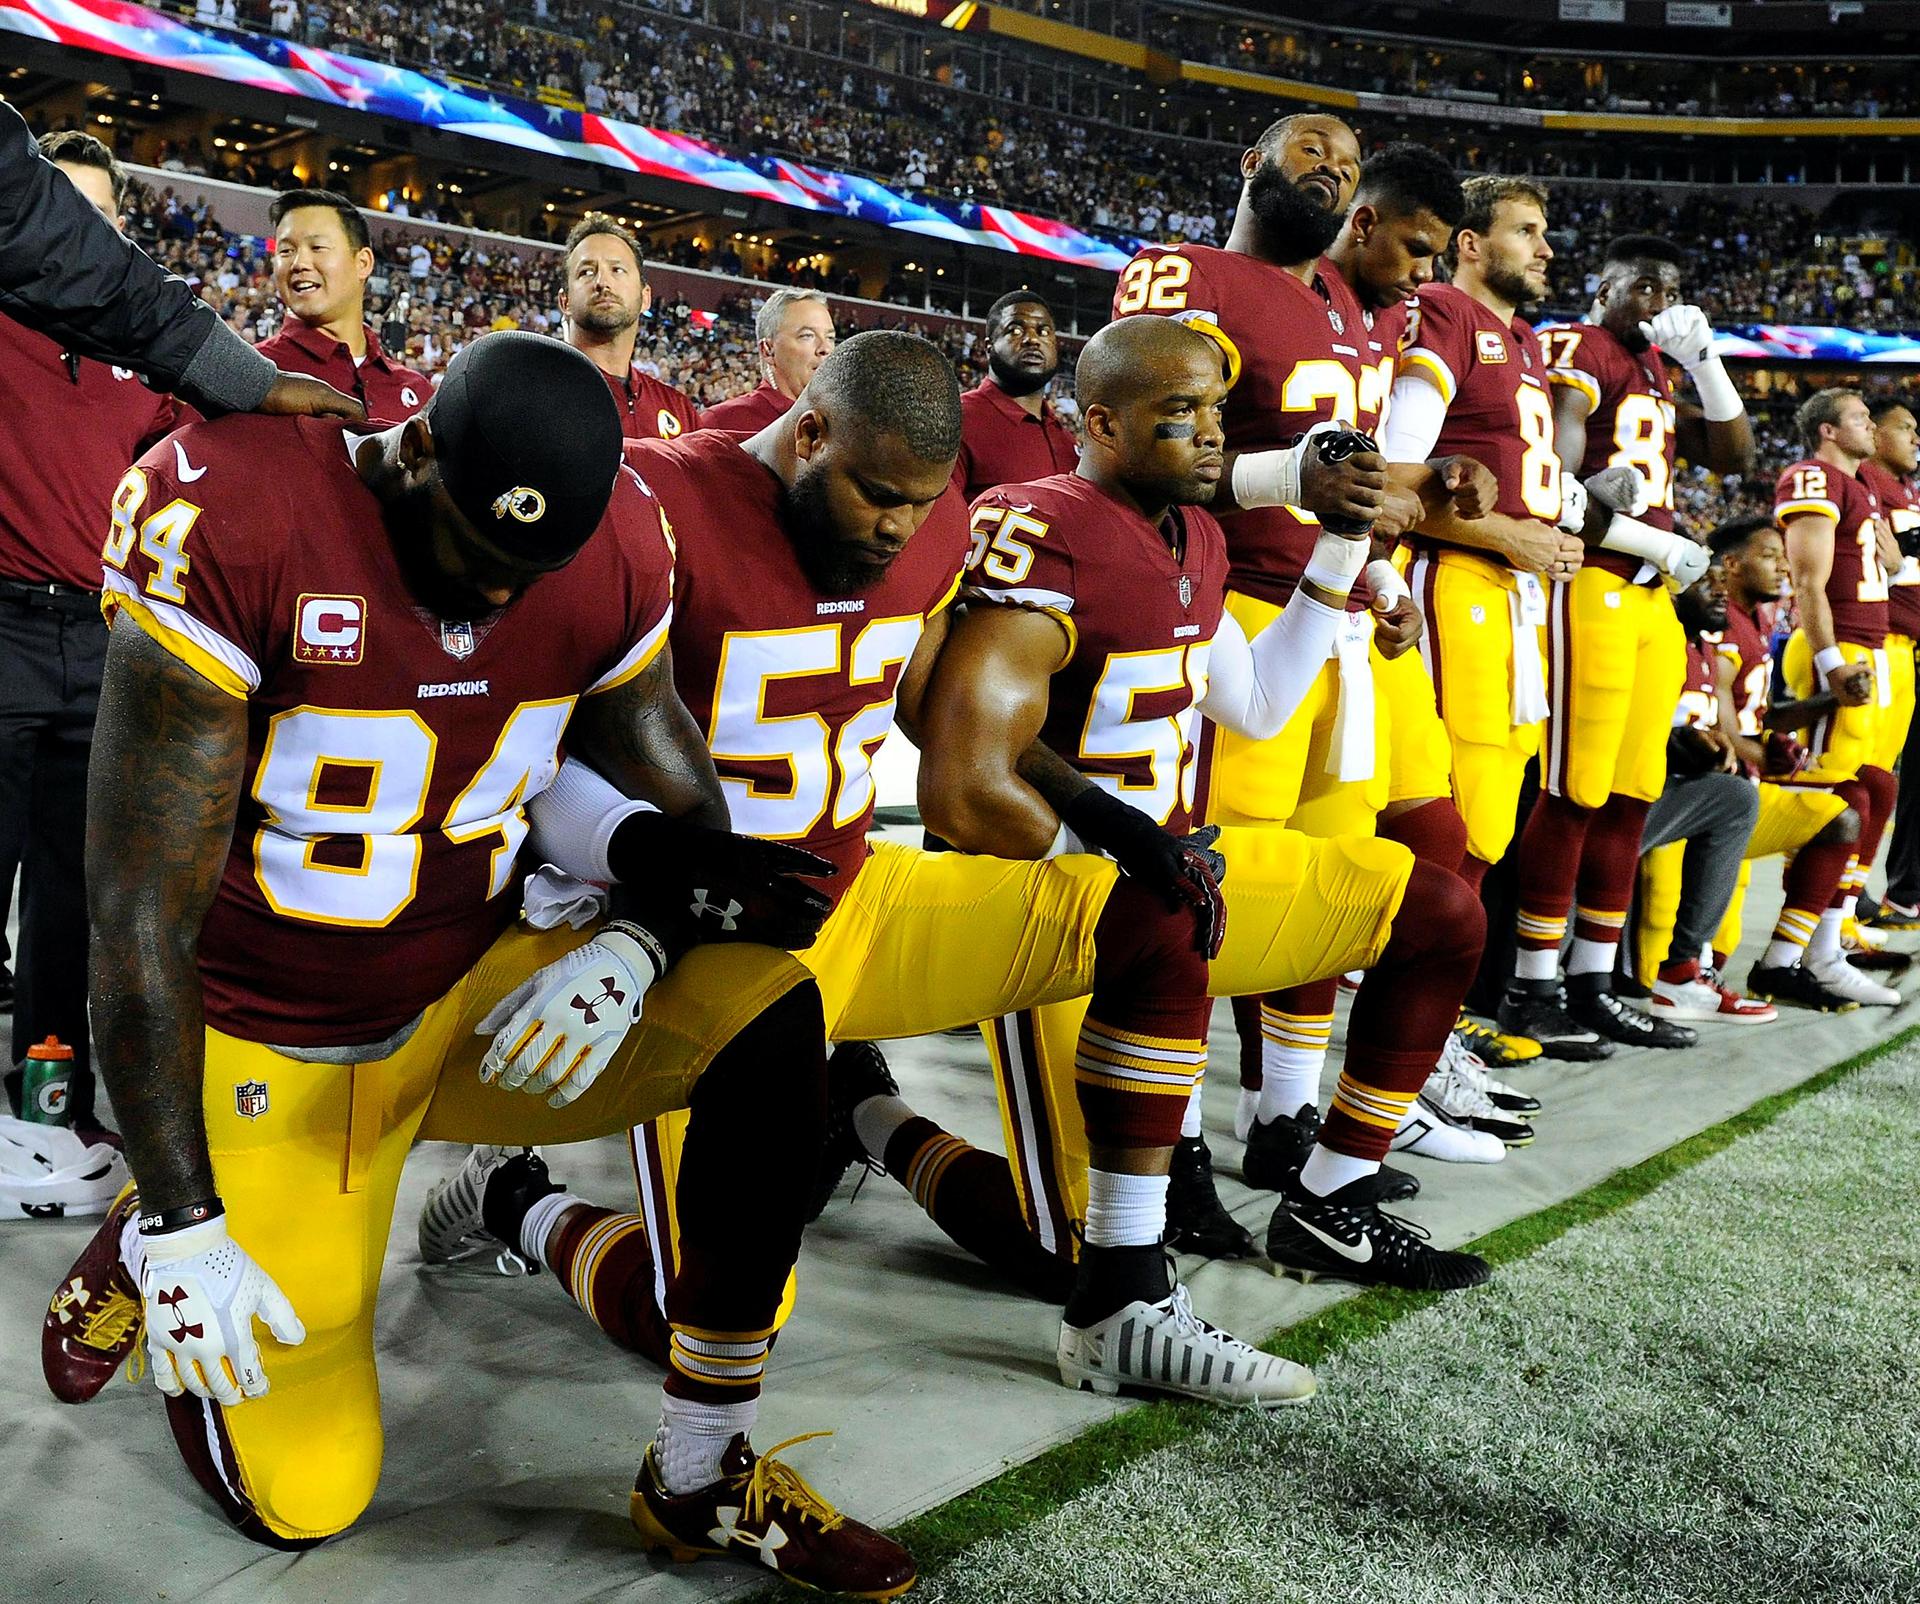 Niles Paul (84) y el apoyador de Washington Redskins Chris Carter (55) se arrodillan con sus compañeros de equipo durante el himno nacional antes del partido entre los Redskins de Washington y los Raiders de Oakland